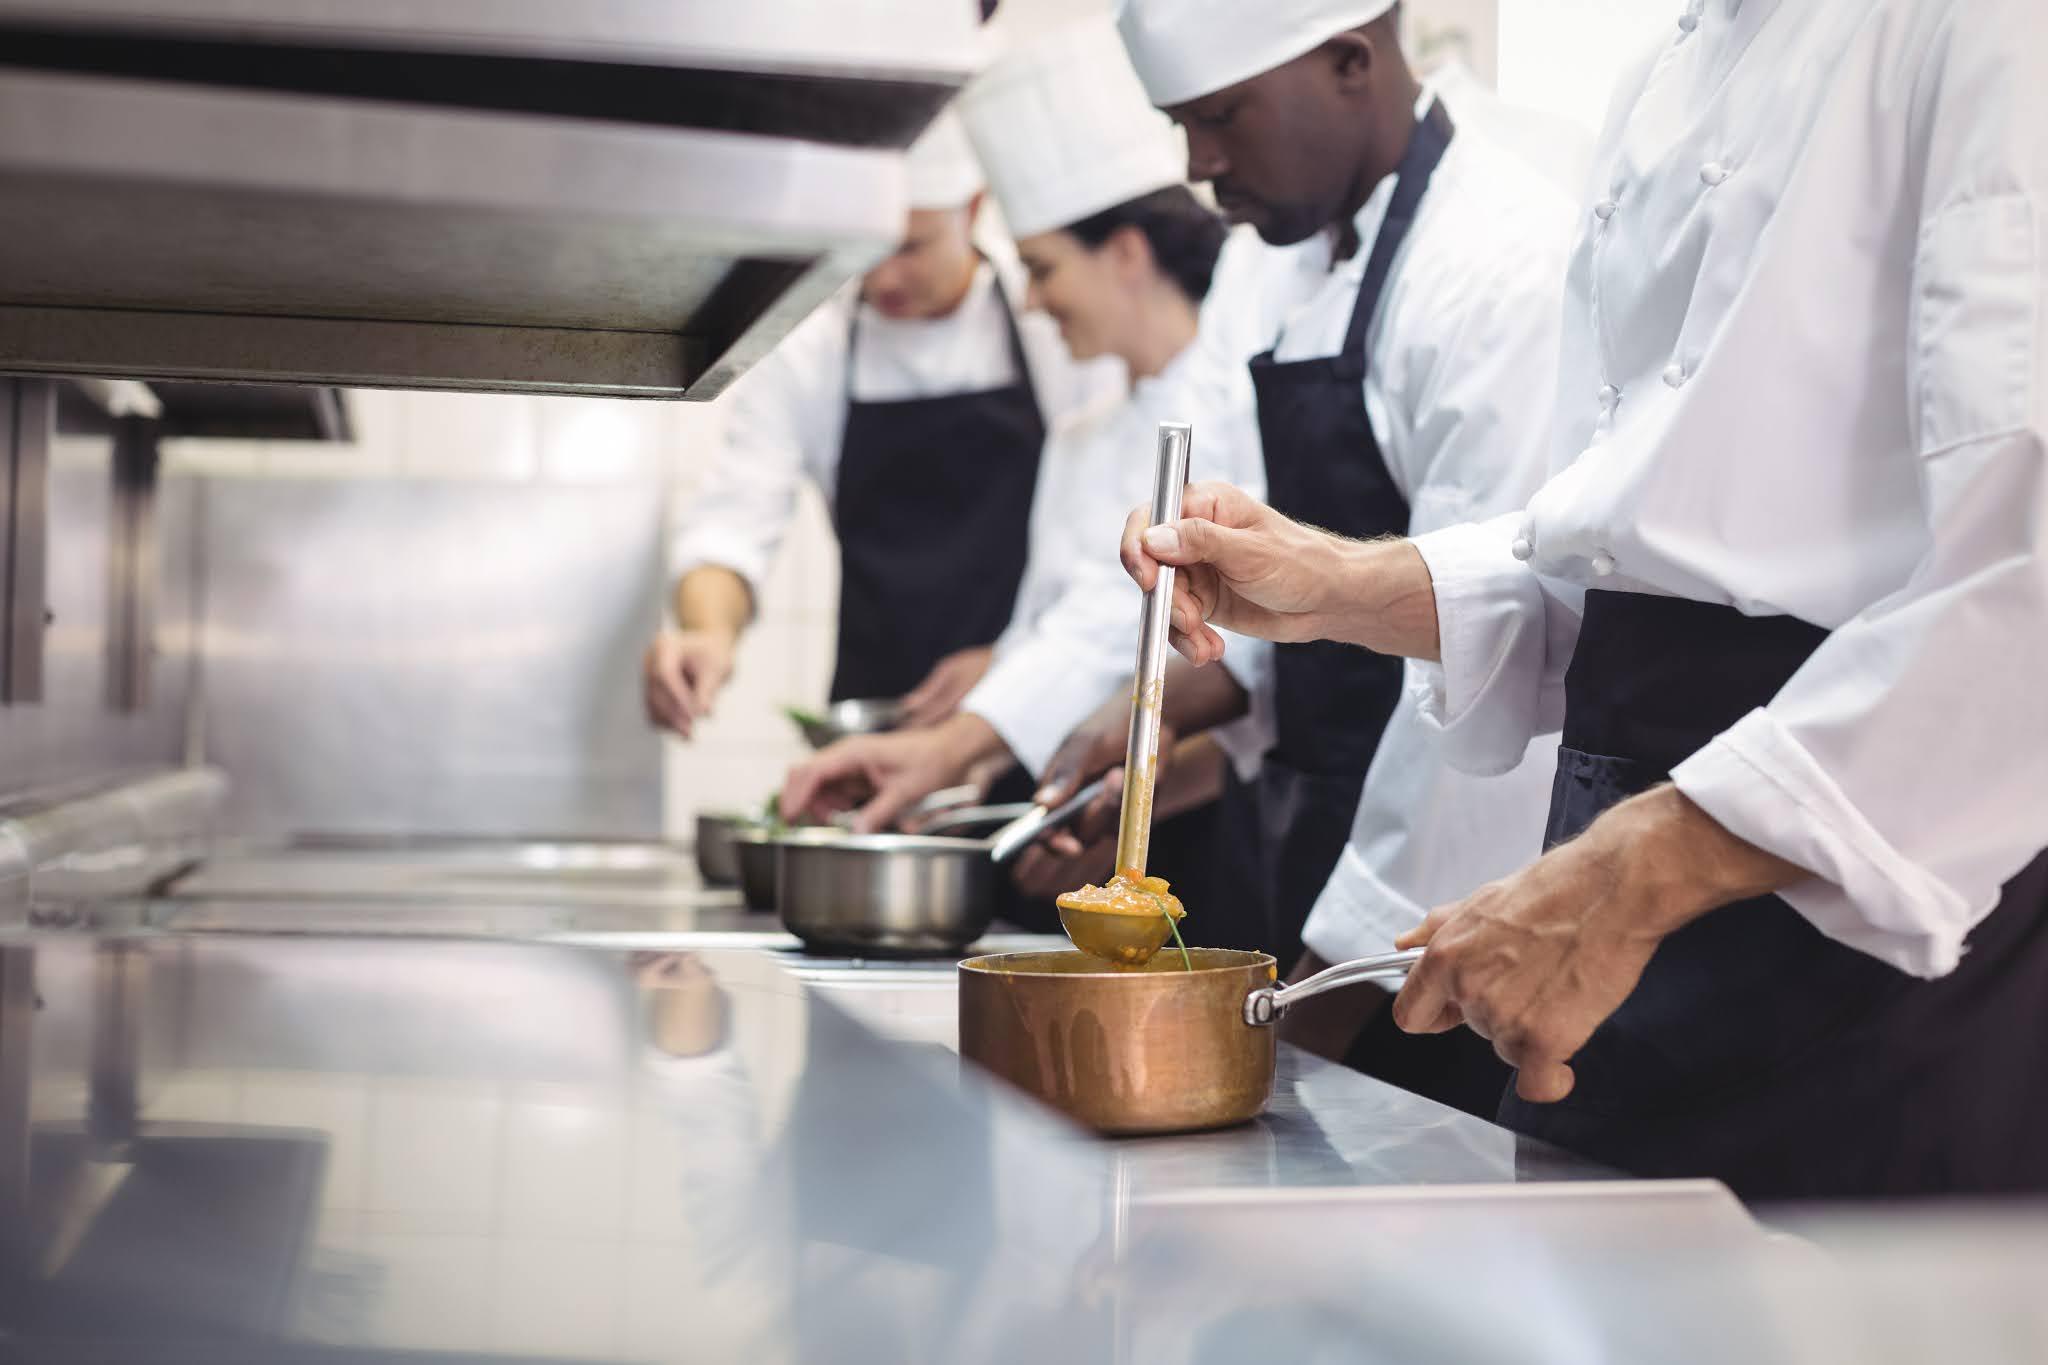 مصر والتأهب لدخول موسوعة غينيس Guinness للأرقام القياسية بعد إطلاق أكبر مطبخ سحابي في العالم